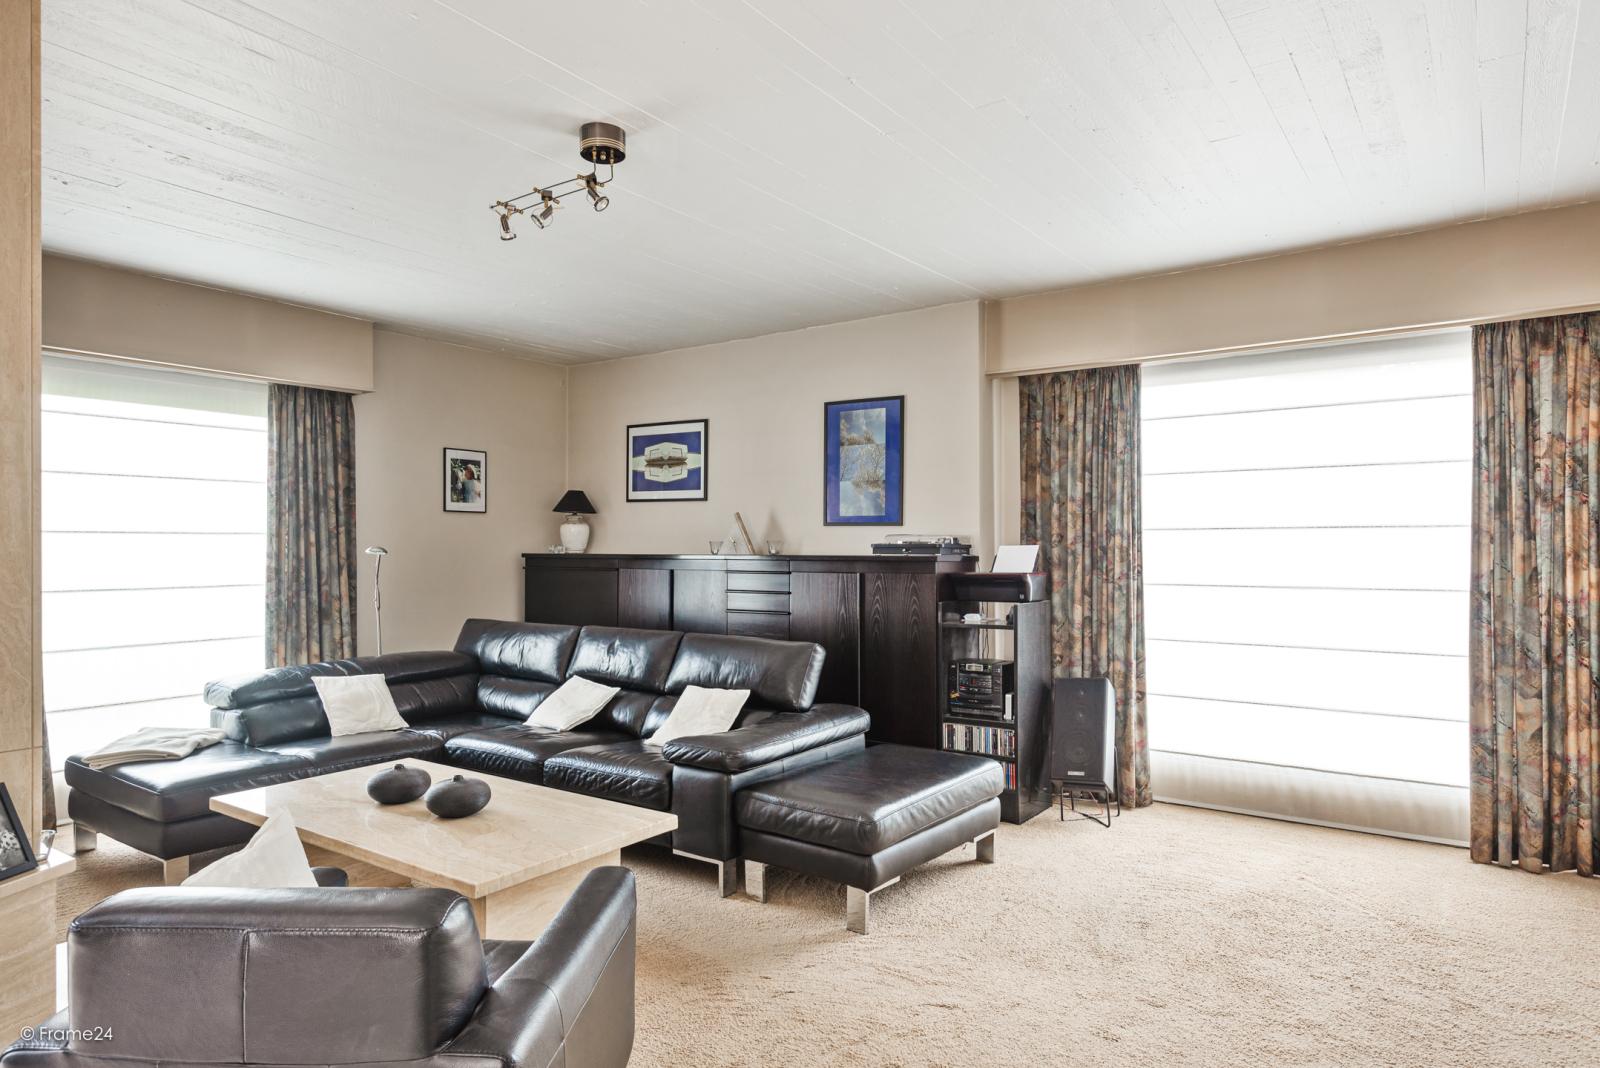 Zeer verzorgde halfopen woning met 4 slaapkamers en gelegen op een hoekperceel van 457 m²! afbeelding 6